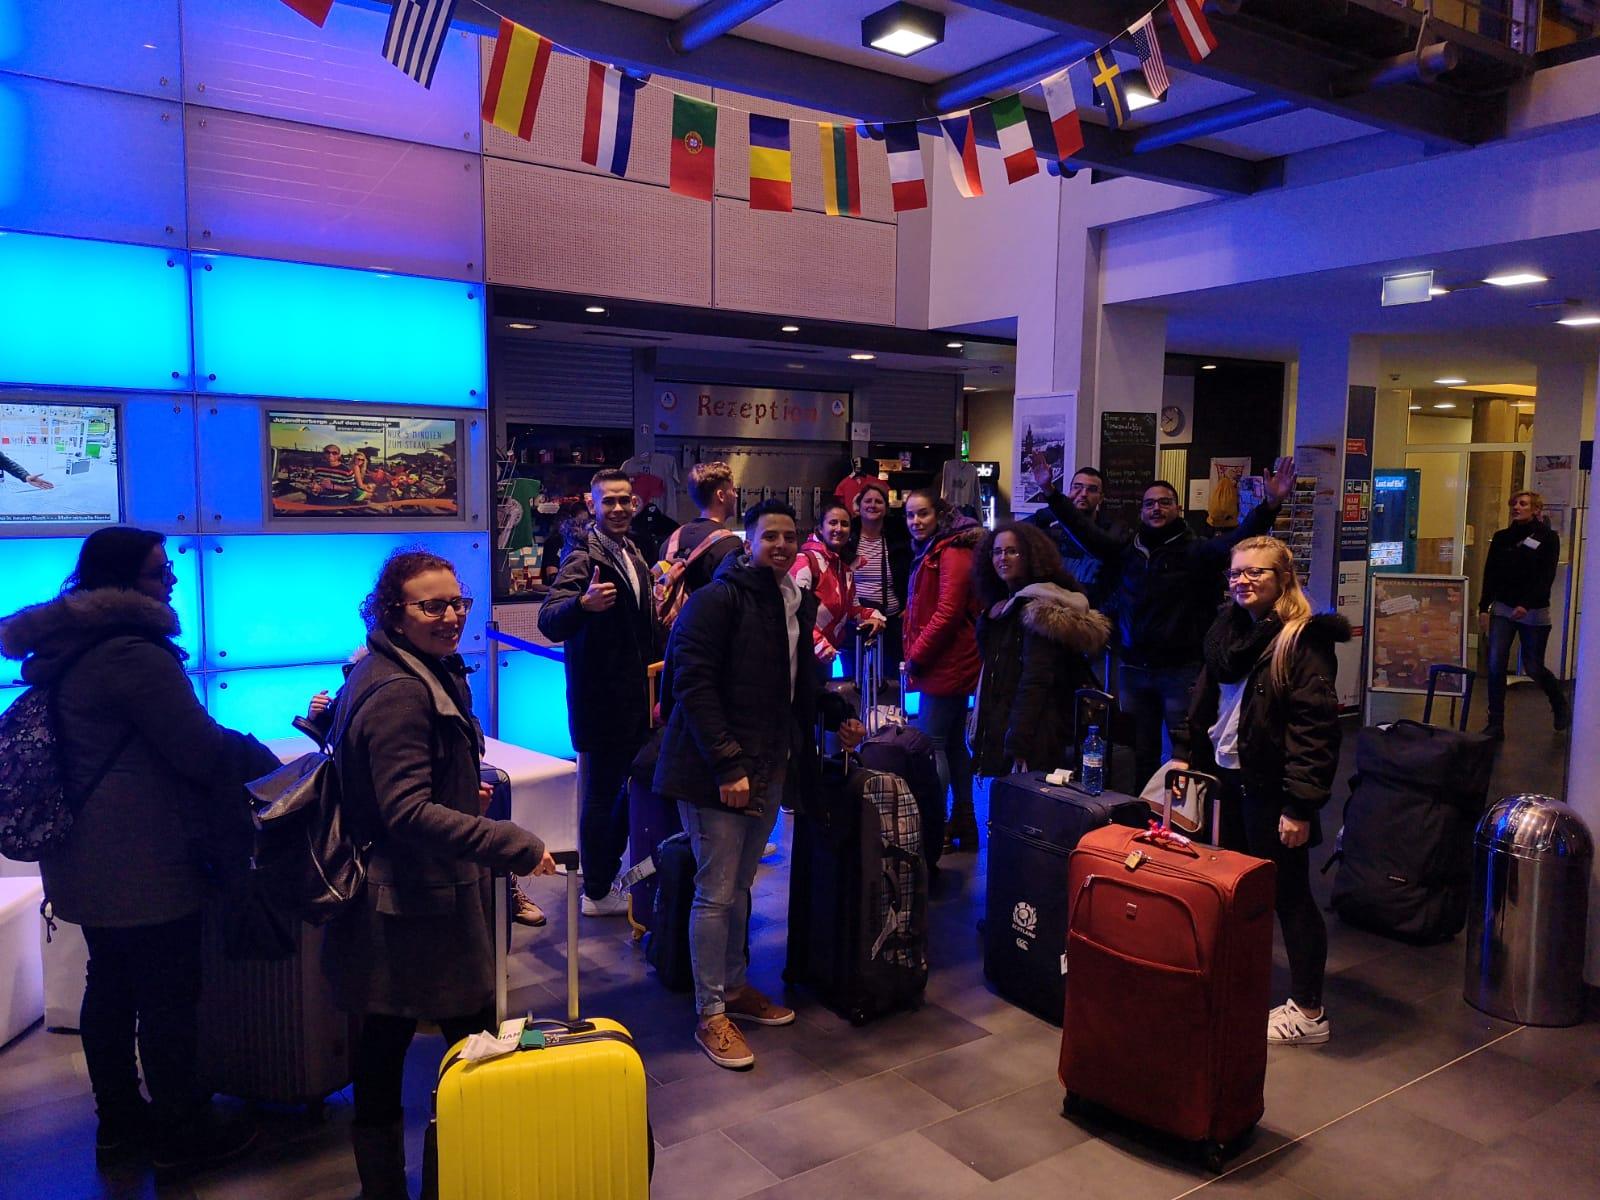 Llegada al hostal en Hamburgo